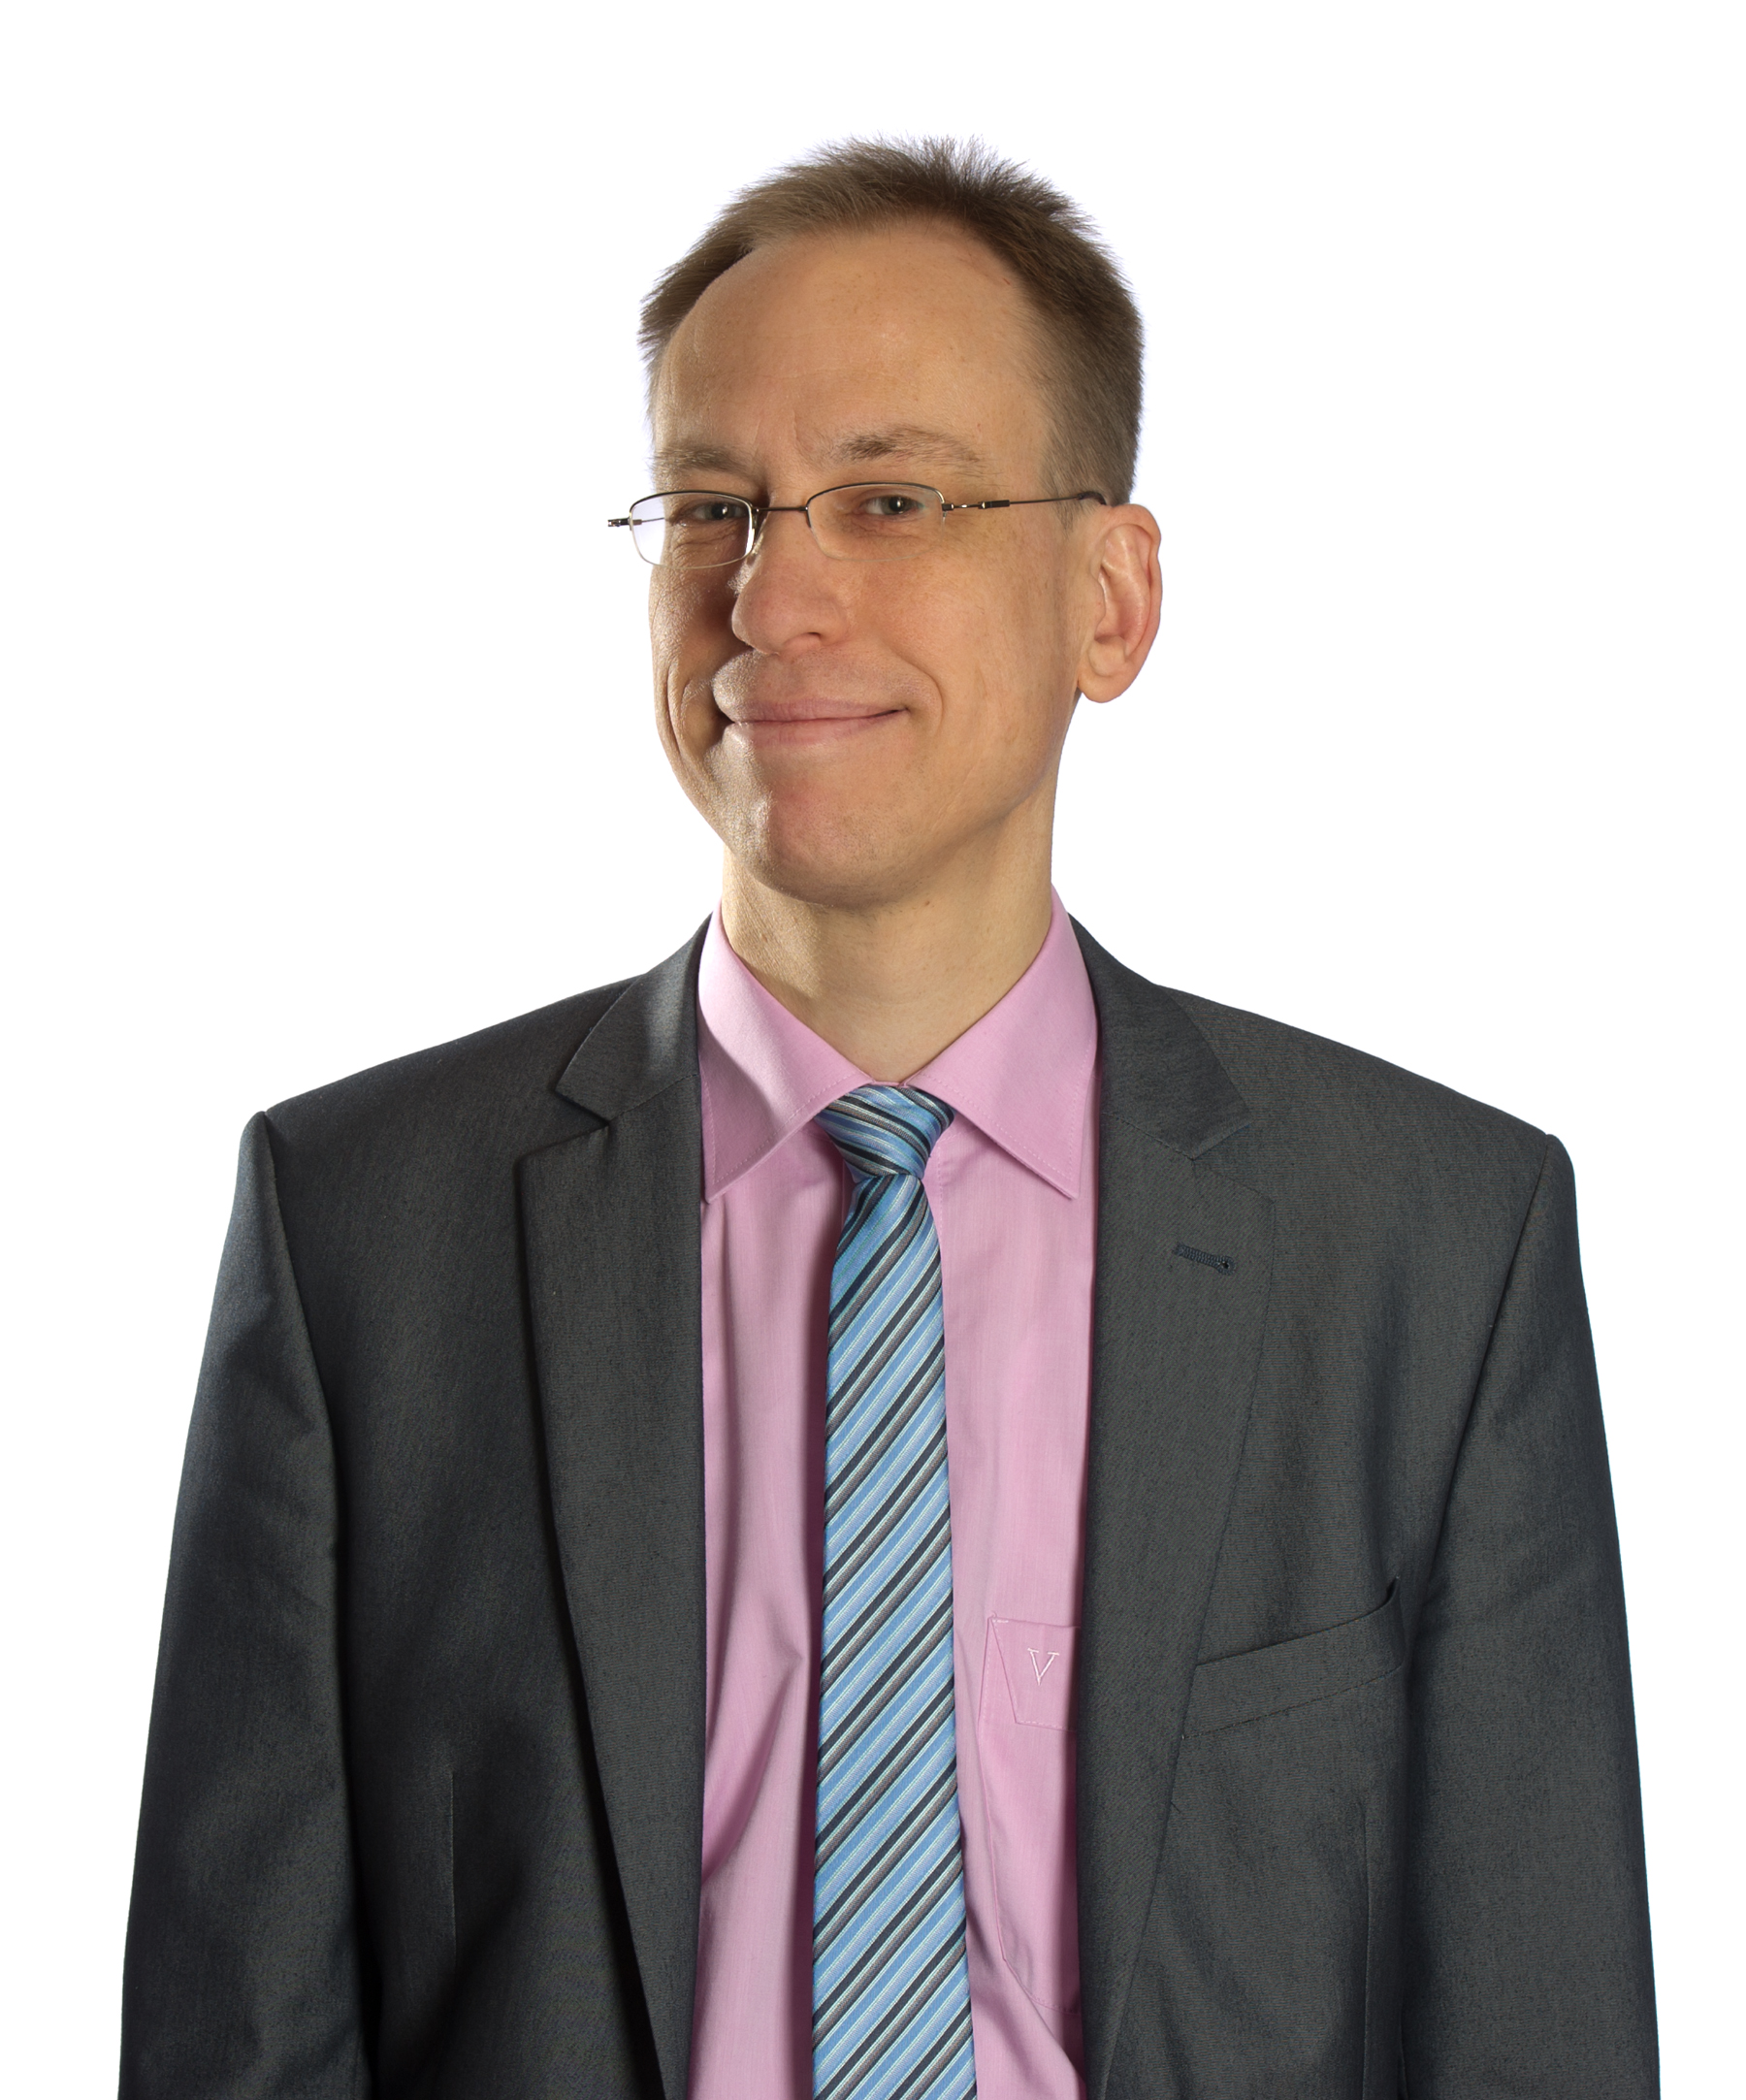 Prof. Dr. Claus Beisbart